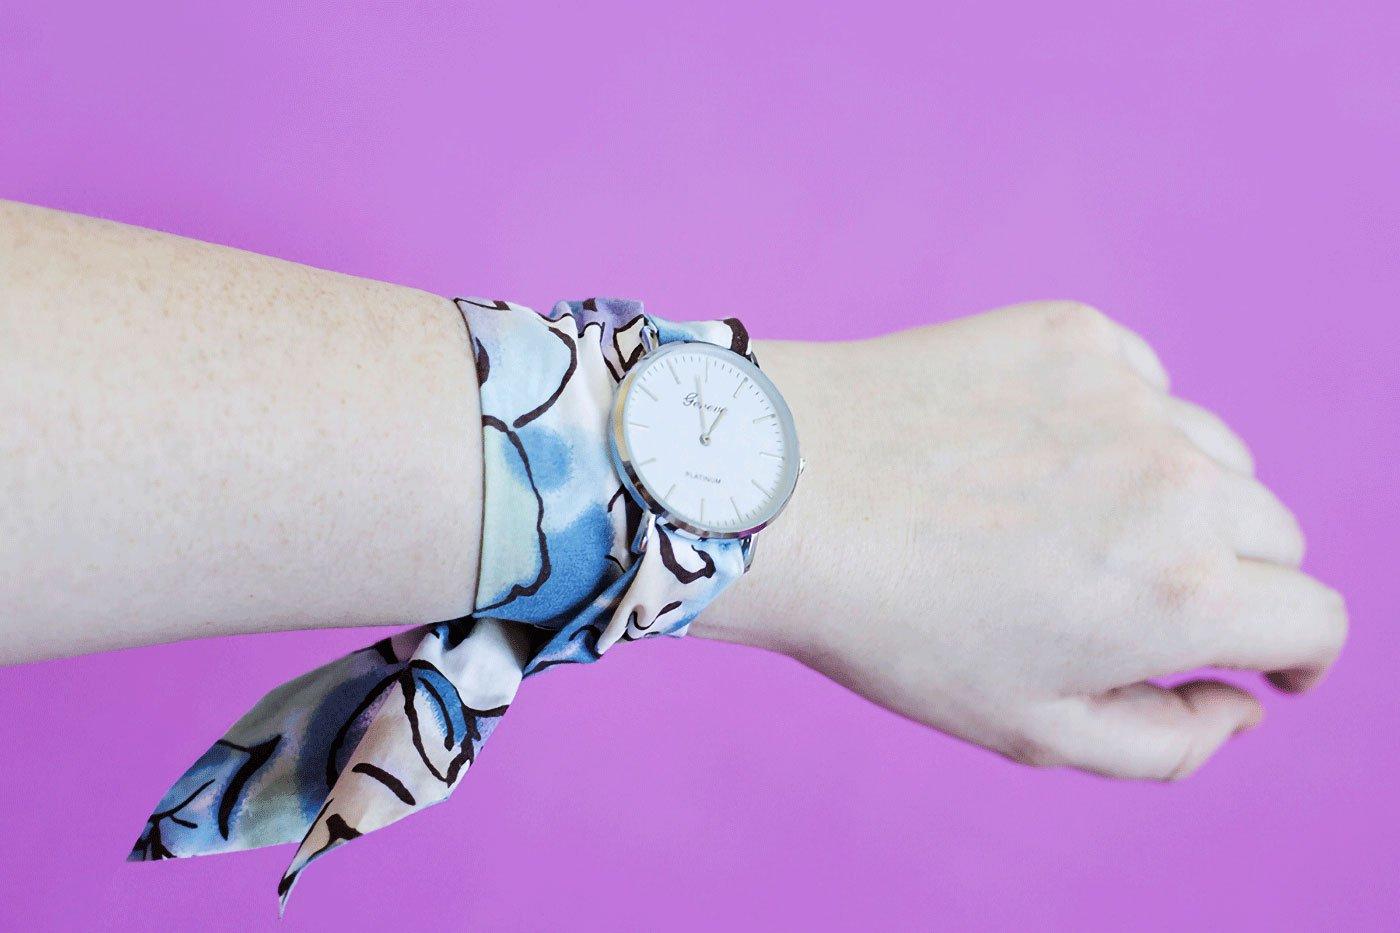 ساخت بند ساعت پارچهای به روش آسان